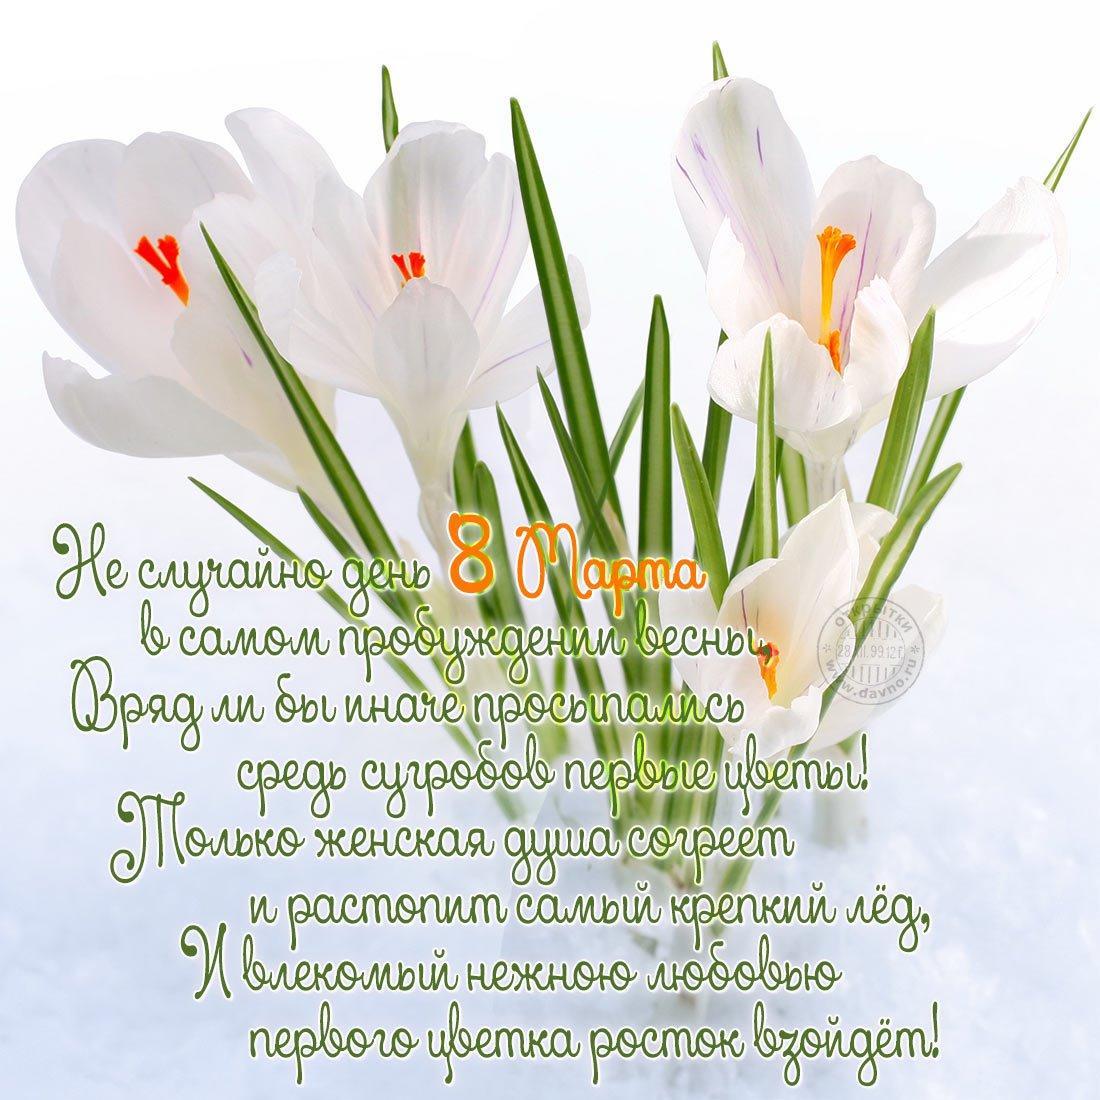 фото Поздравления с 8 Марта: прикольные открытки, стихи и поздравления 13